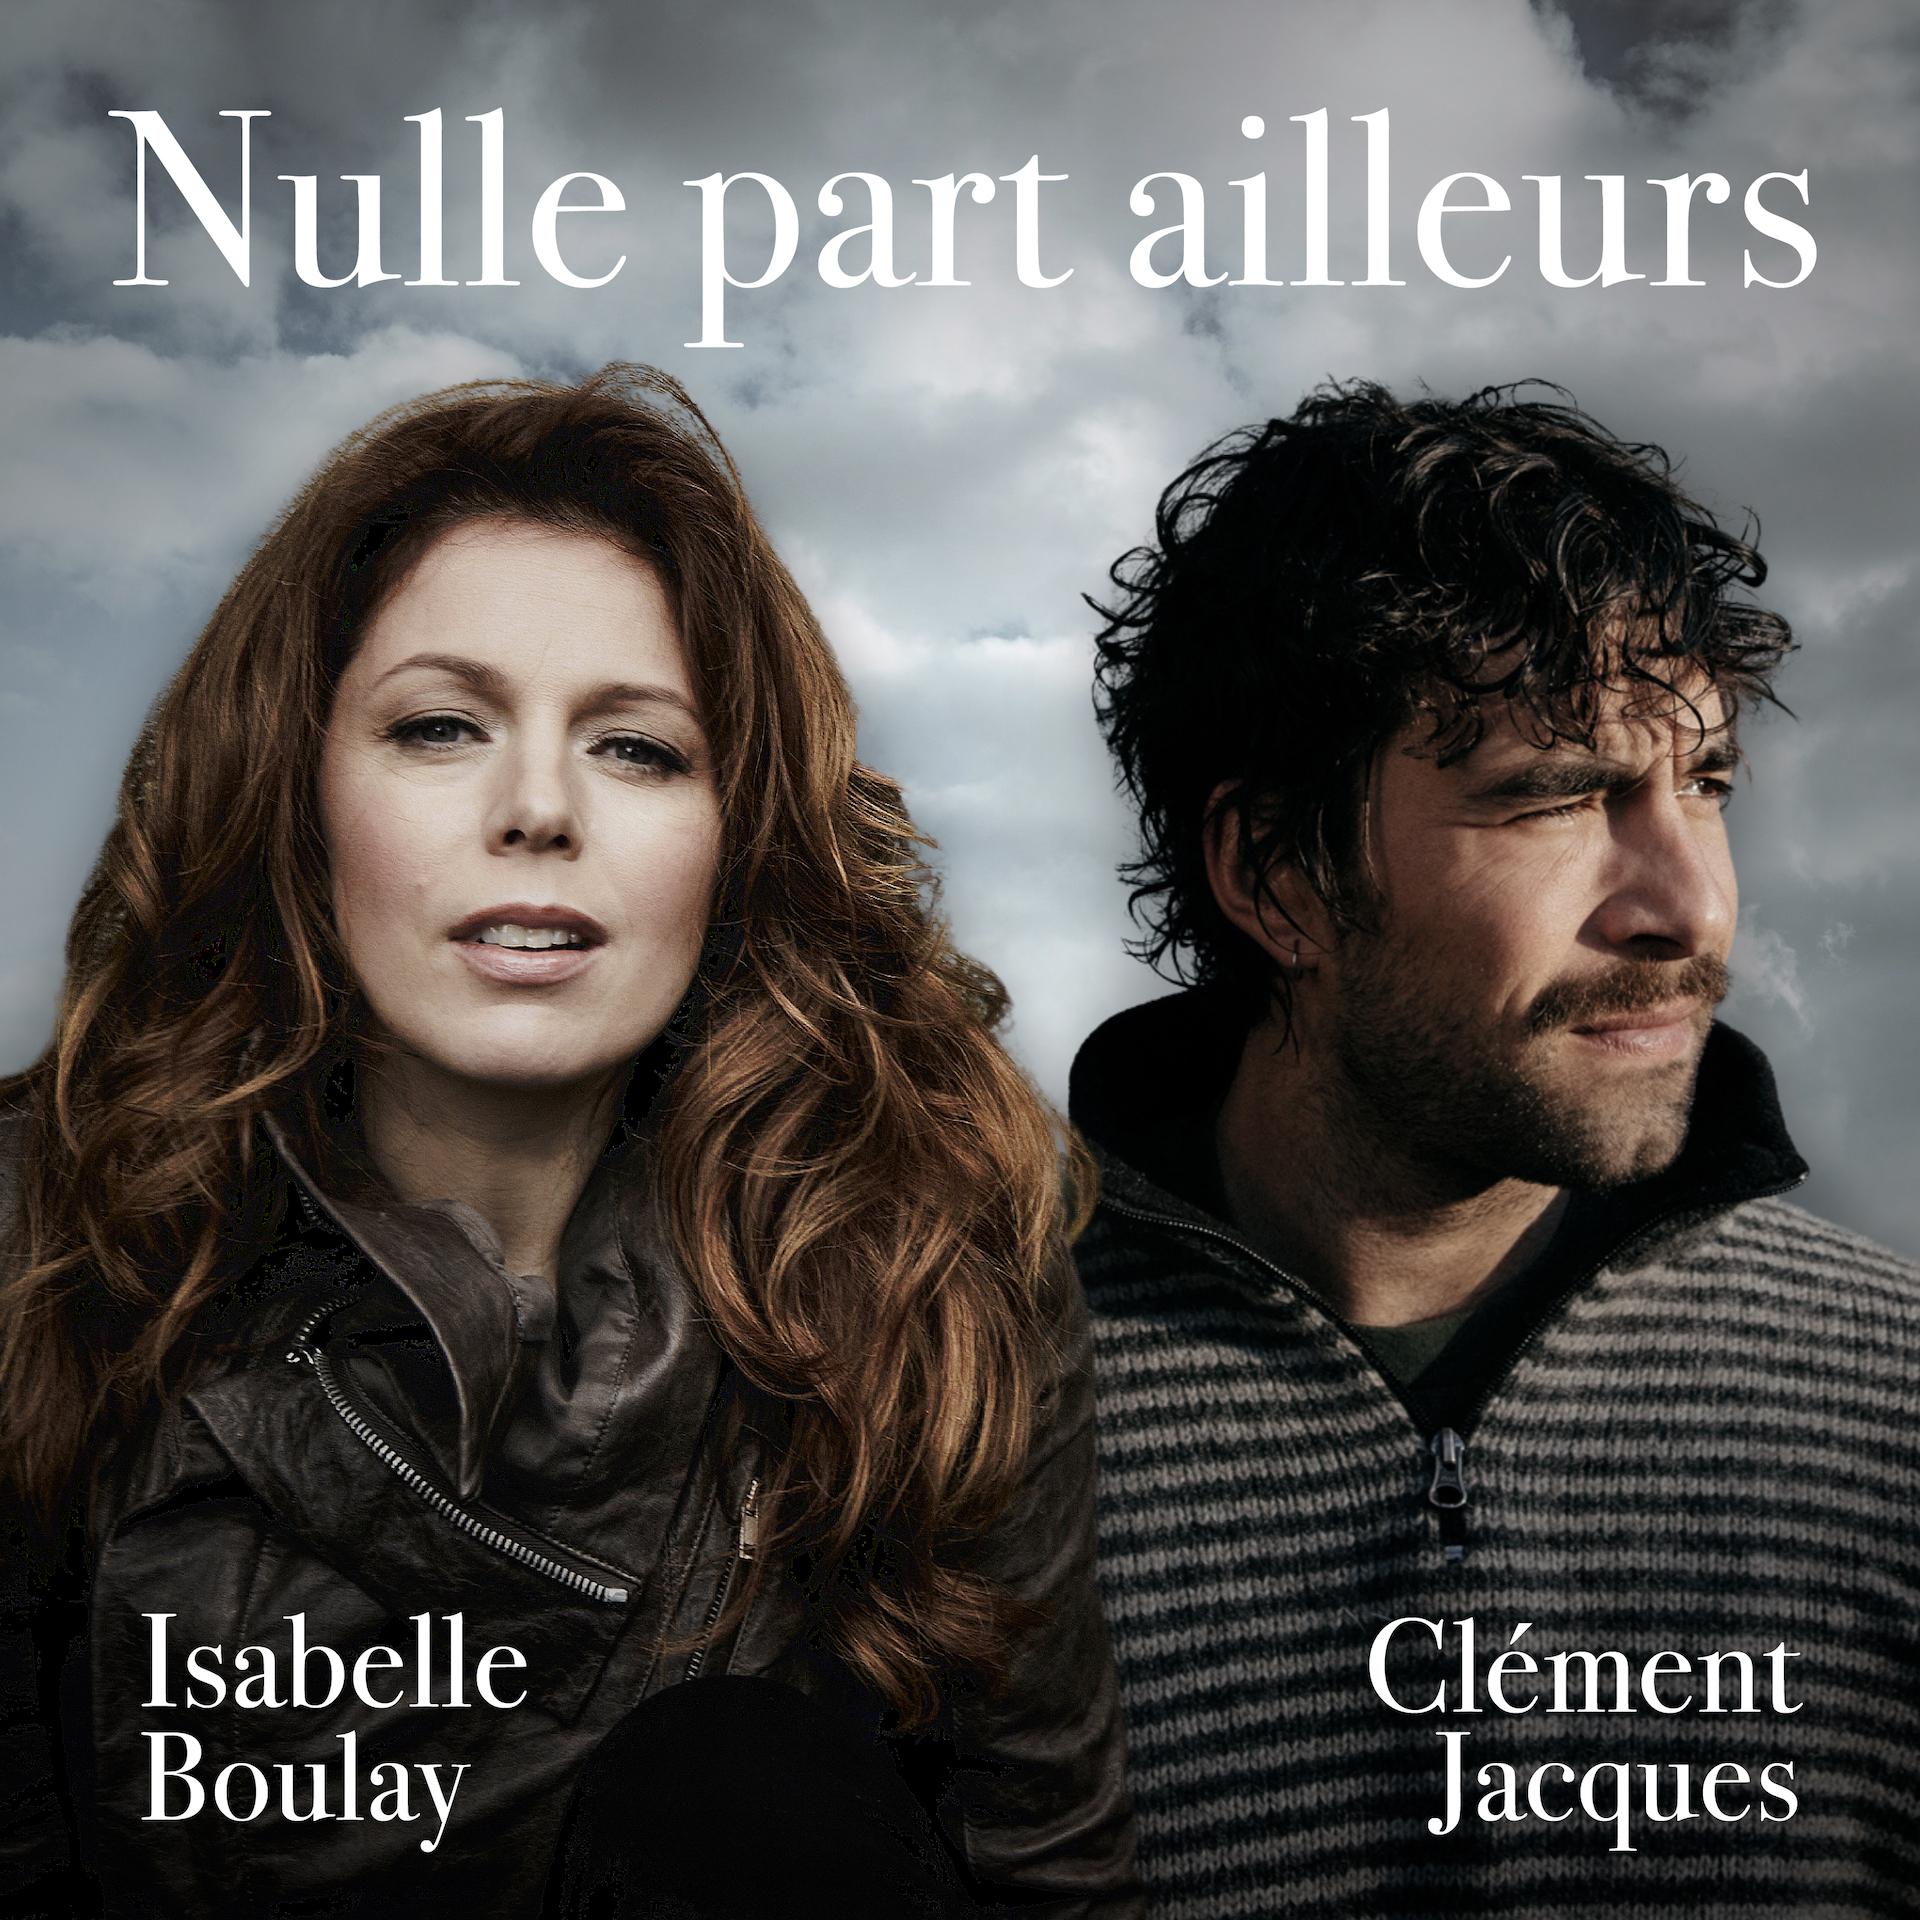 Nulle part ailleurs (single) - avec Clément Jacques